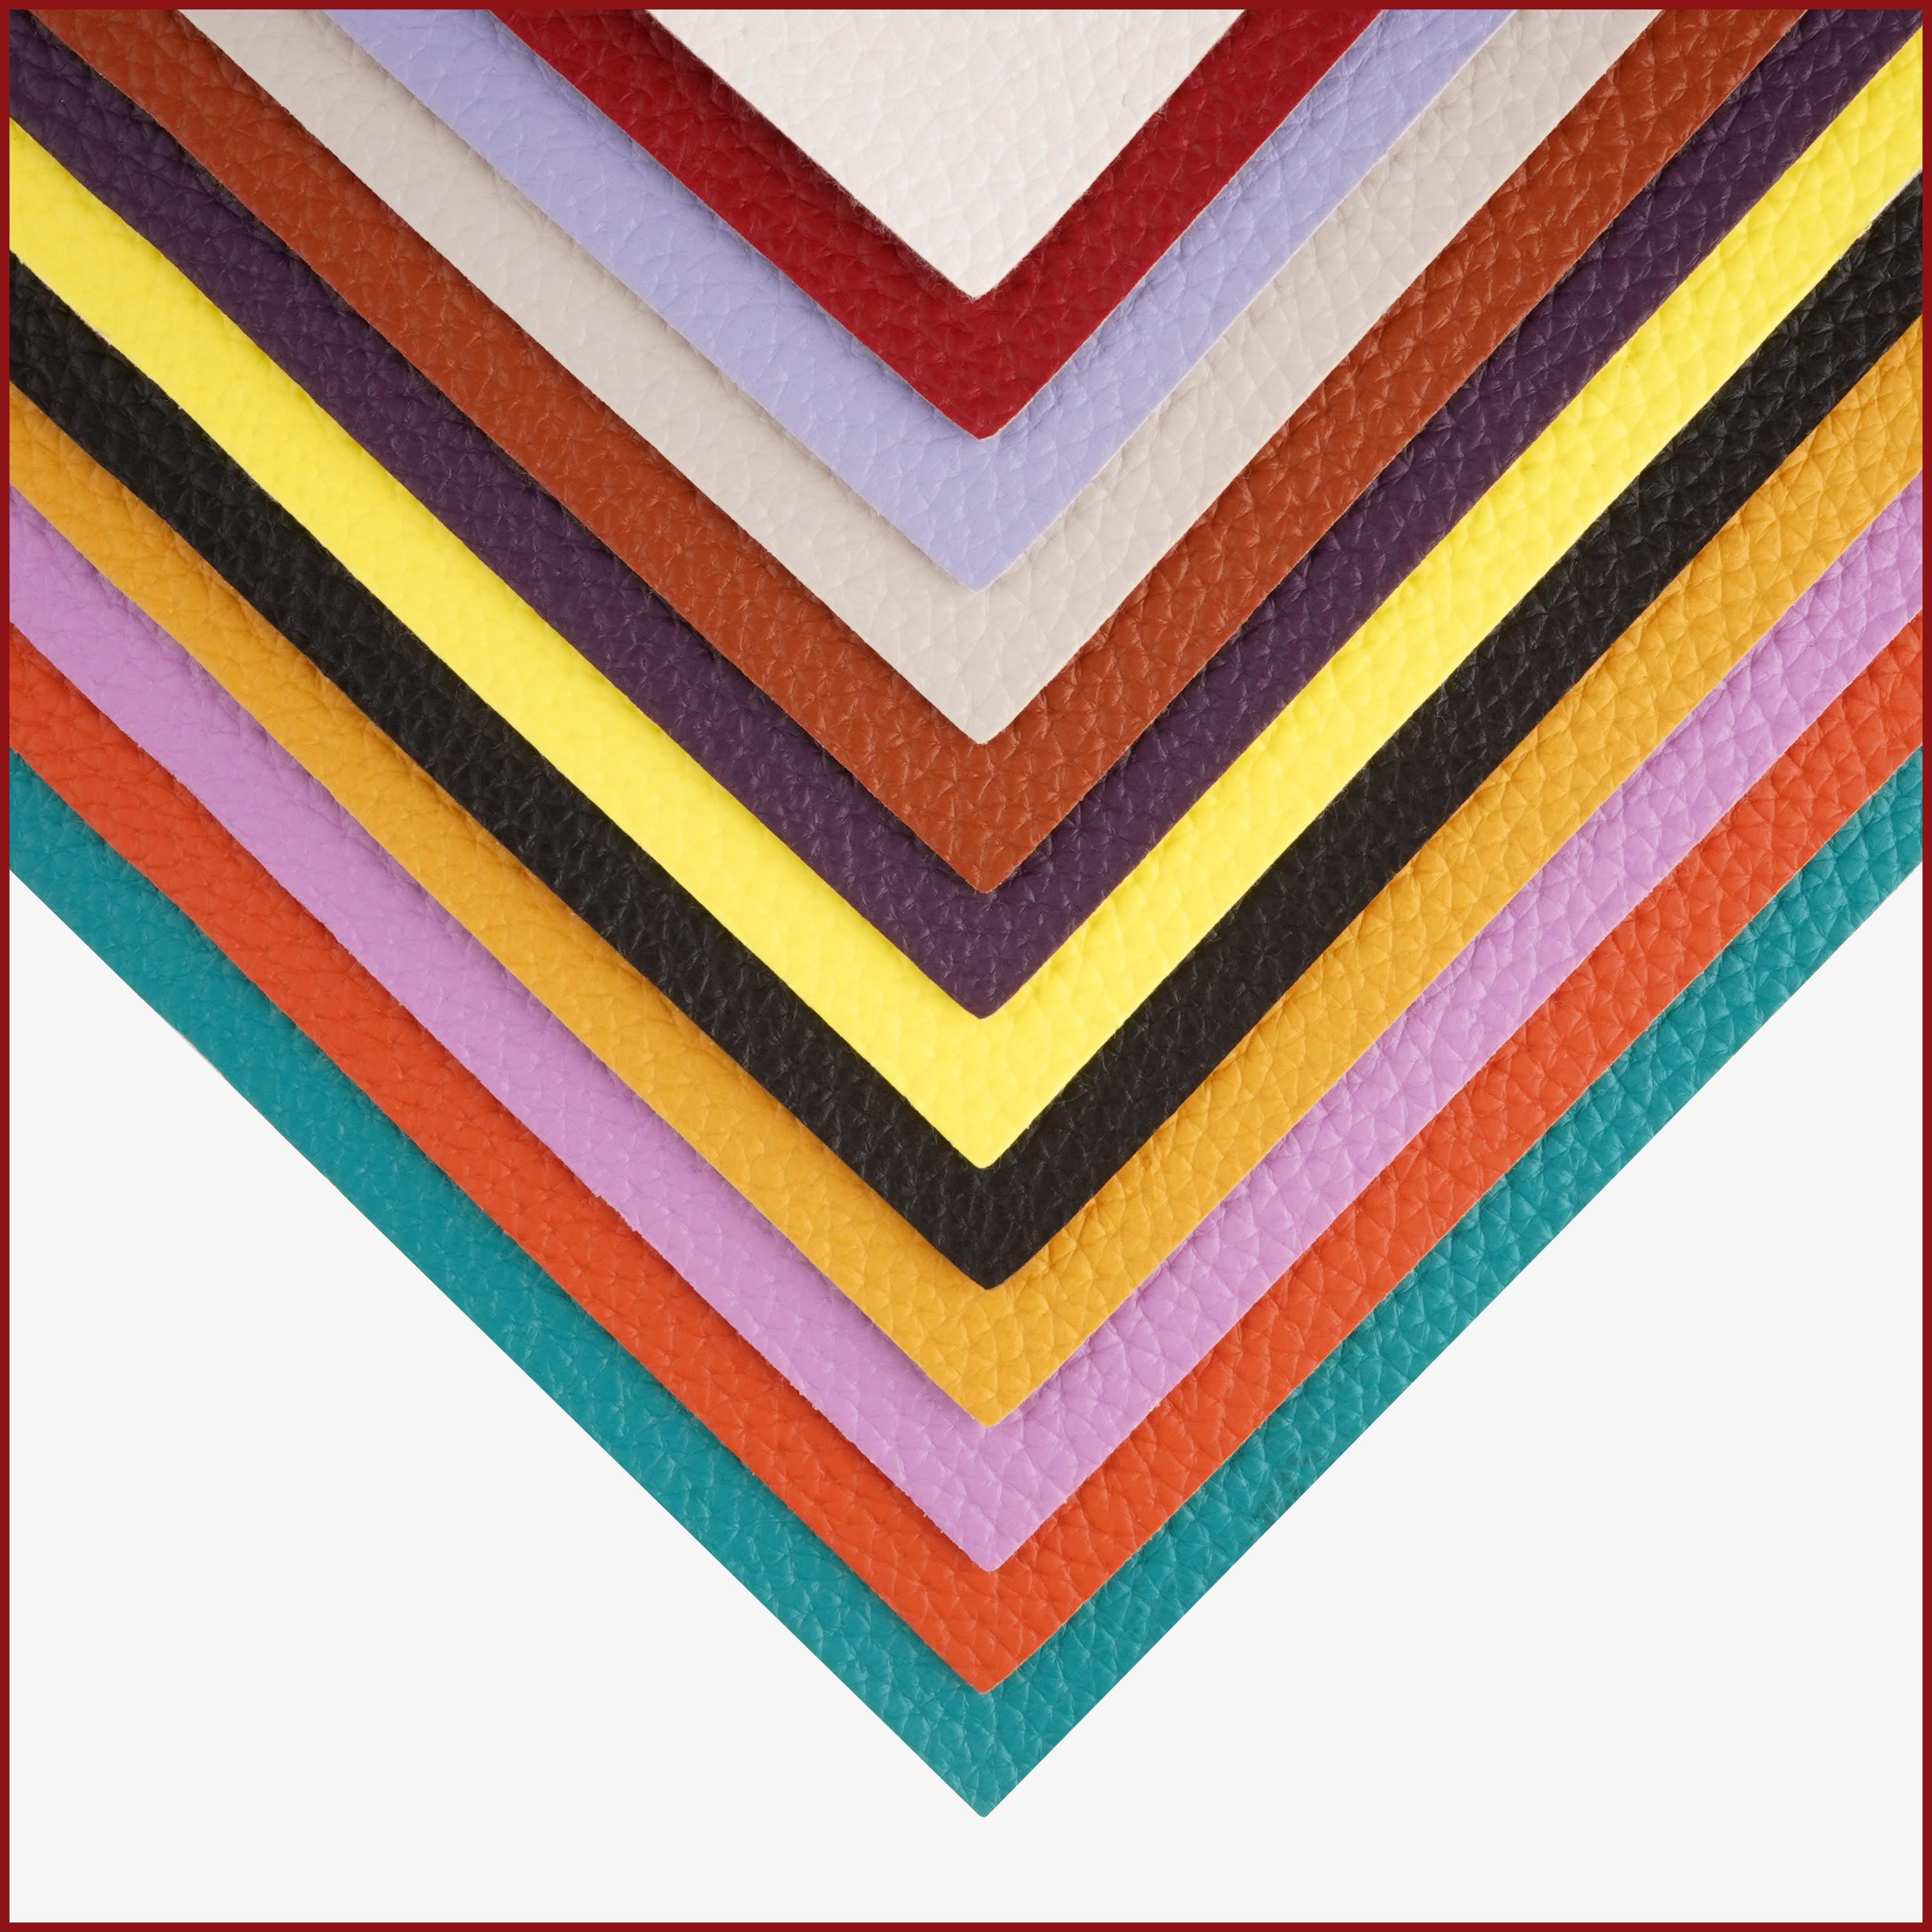 """Accesorios Libra A4 hoja 8 """"x11,8"""" Sythetic big Litchi polipiel PU Tela de cuero para arcos artesanía costura"""